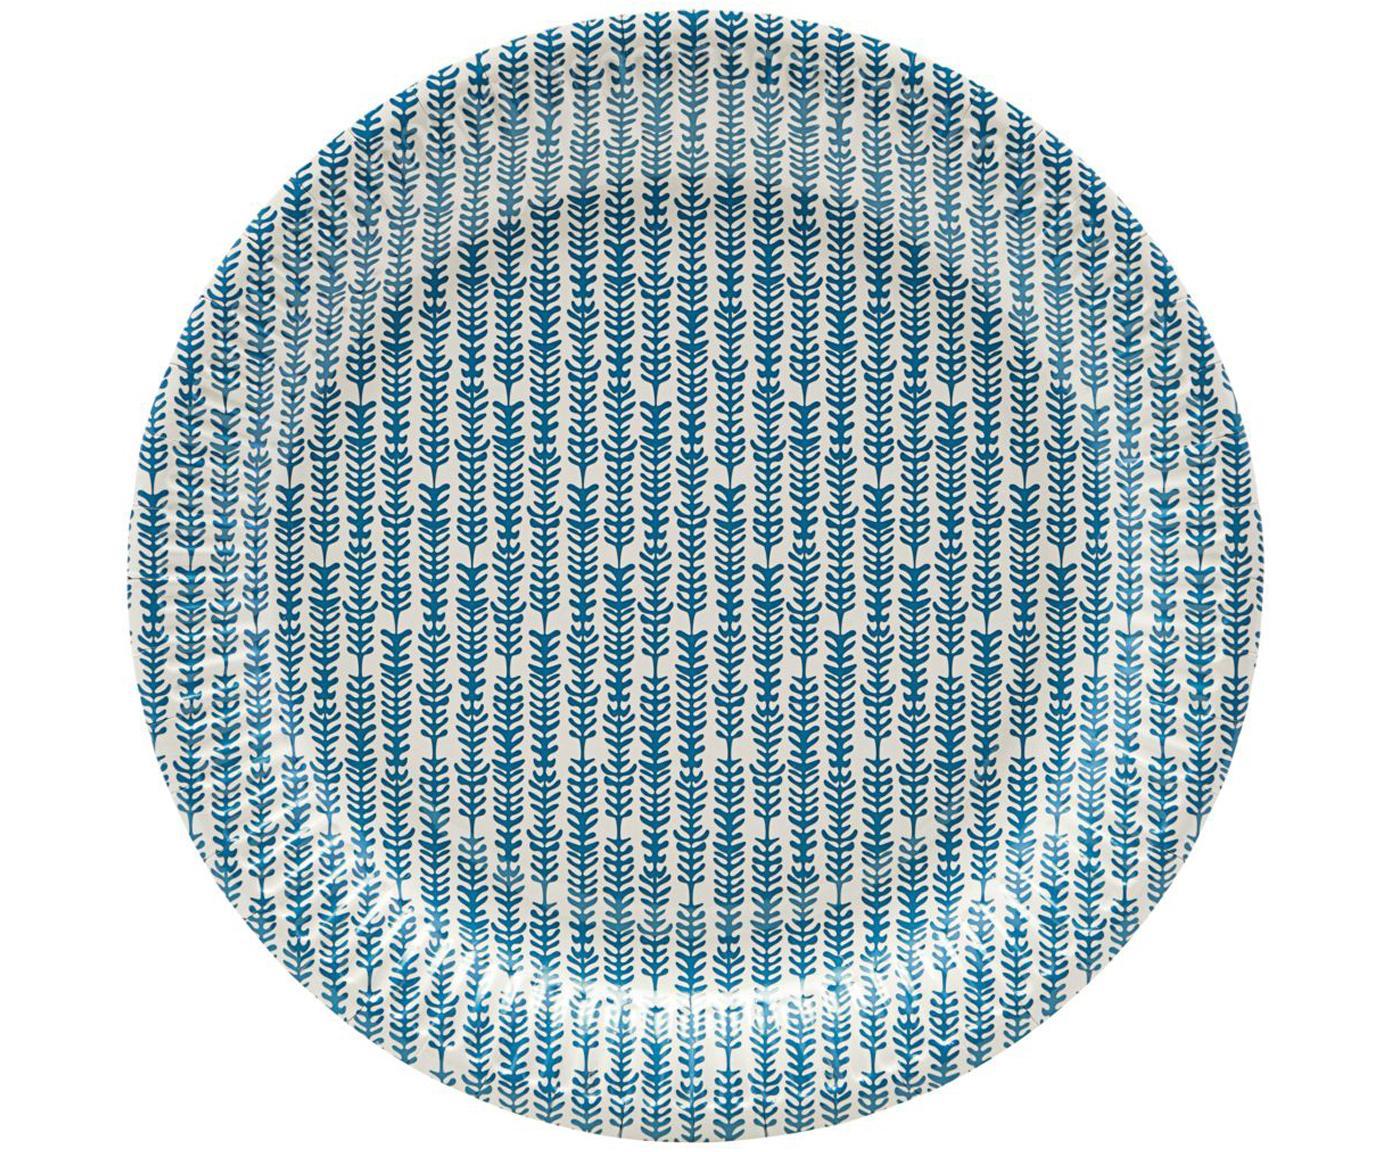 Piatti di carta Branch, 12 pz., Carta, Blu, bianco, Ø 23 x Alt. 1 cm